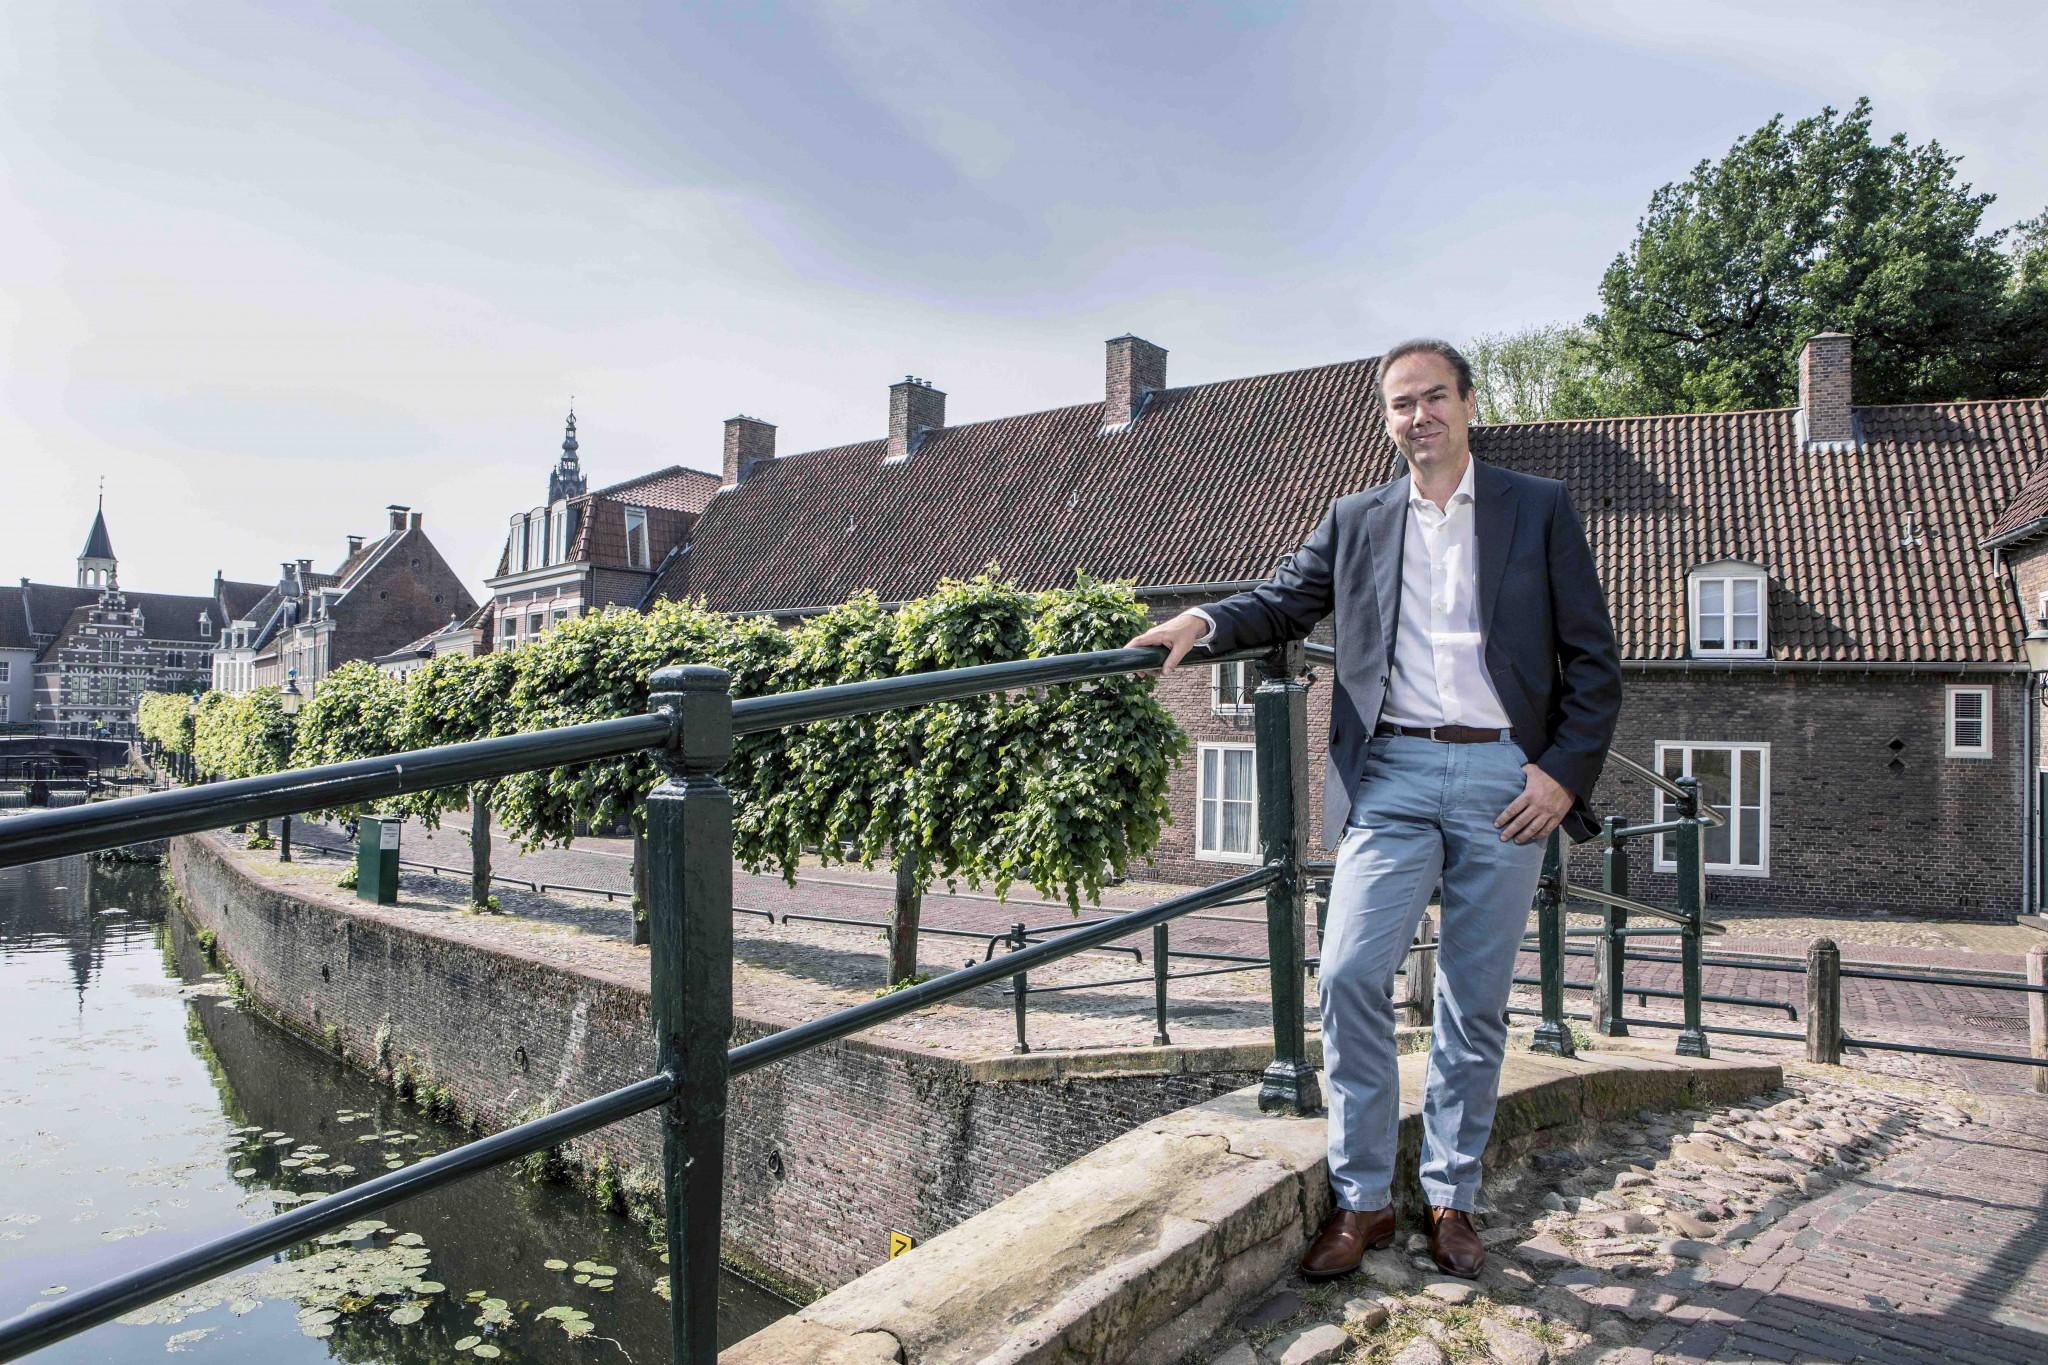 Willard de Vries